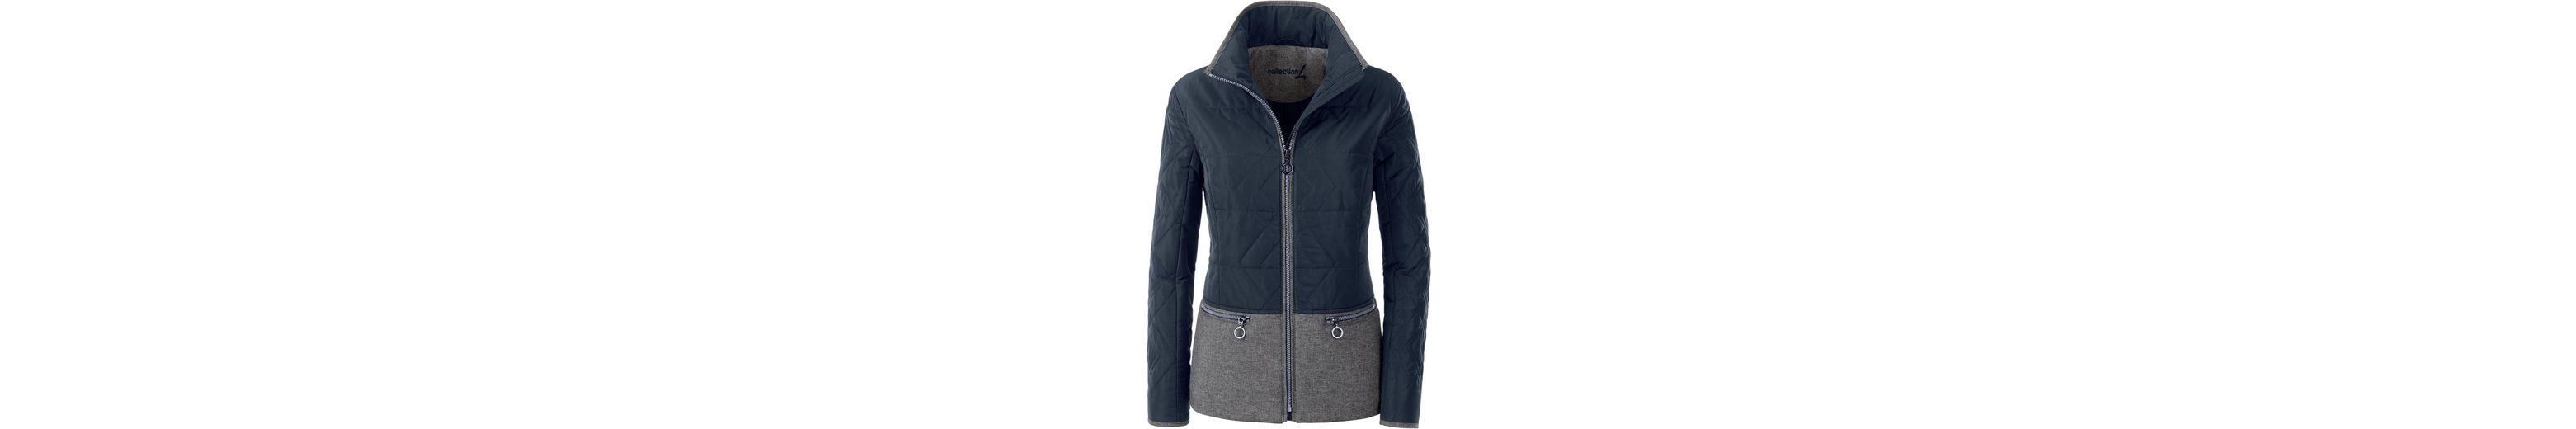 Erschwinglich Collection L. Jacke im schönen Rauten-Steppmuster Heißen Verkauf Online Verkauf Websites 0vKb42YyiB